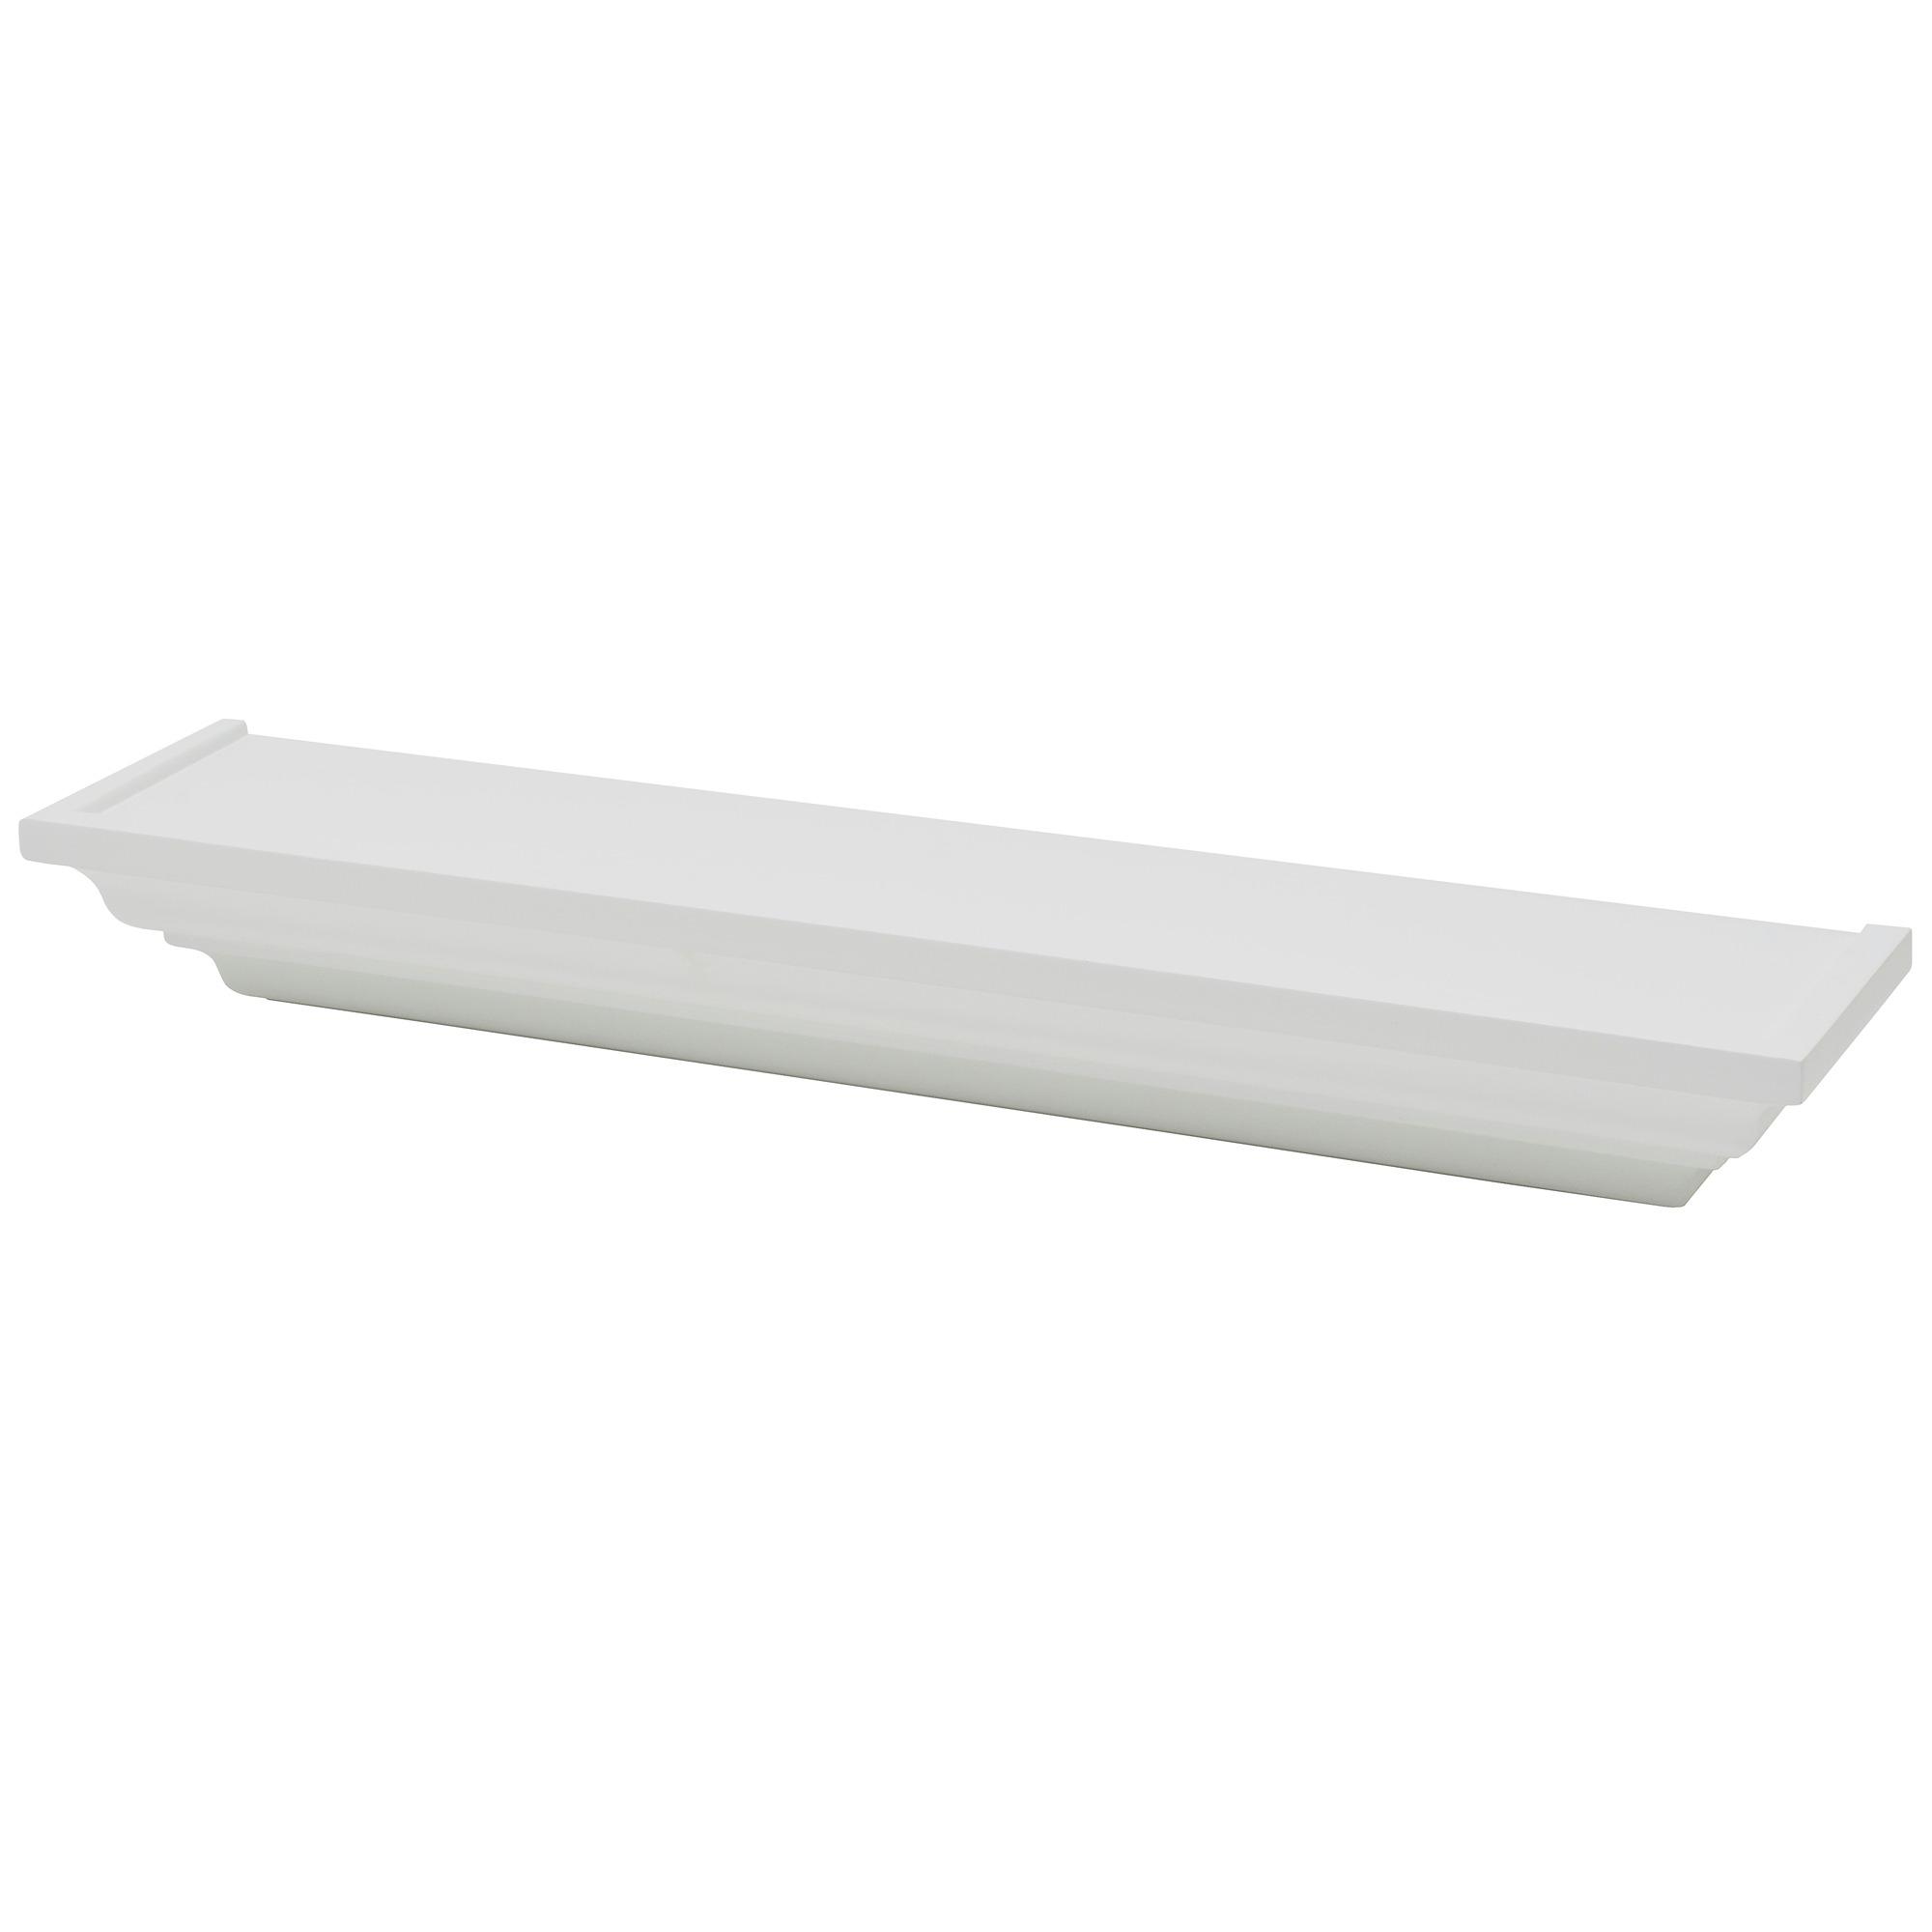 Tablette classique Duraline Ornament 60 cm blanc